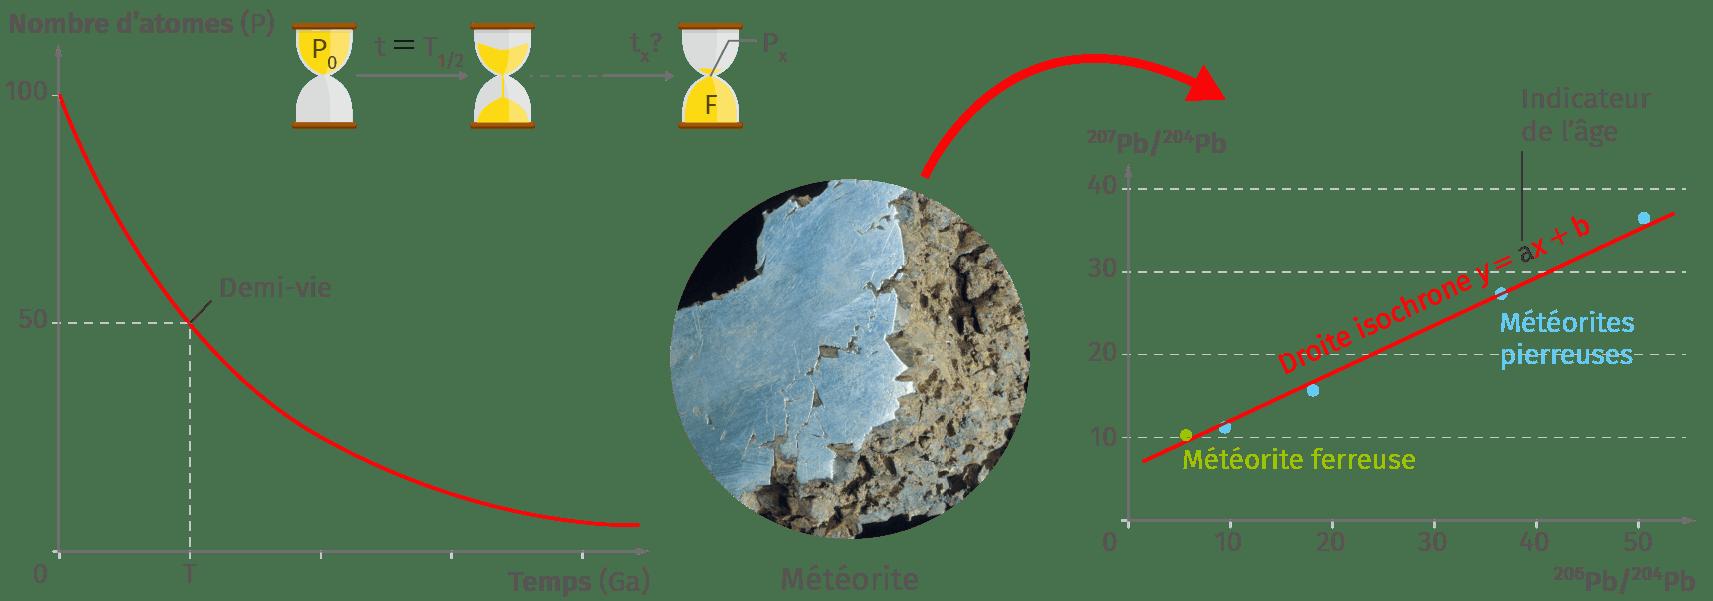 Vieilles méthodes de datation de terre